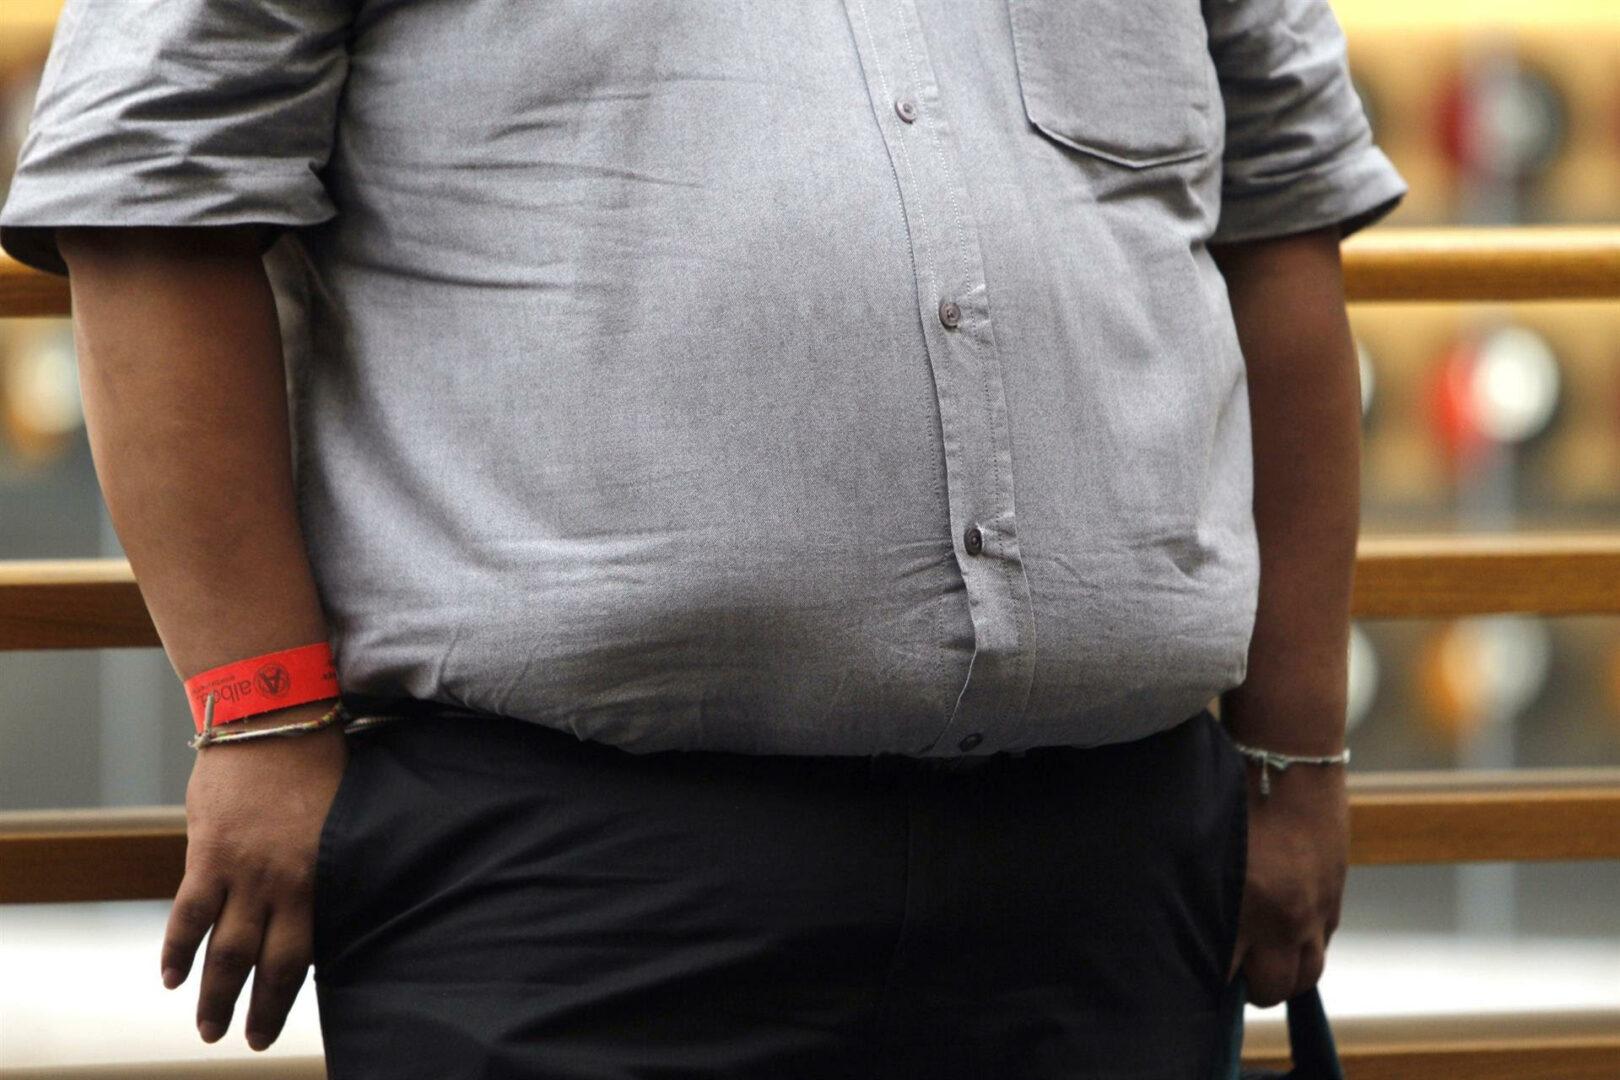 La obesidad y el sedentarismo inciden en la aparición del cáncer de próstata